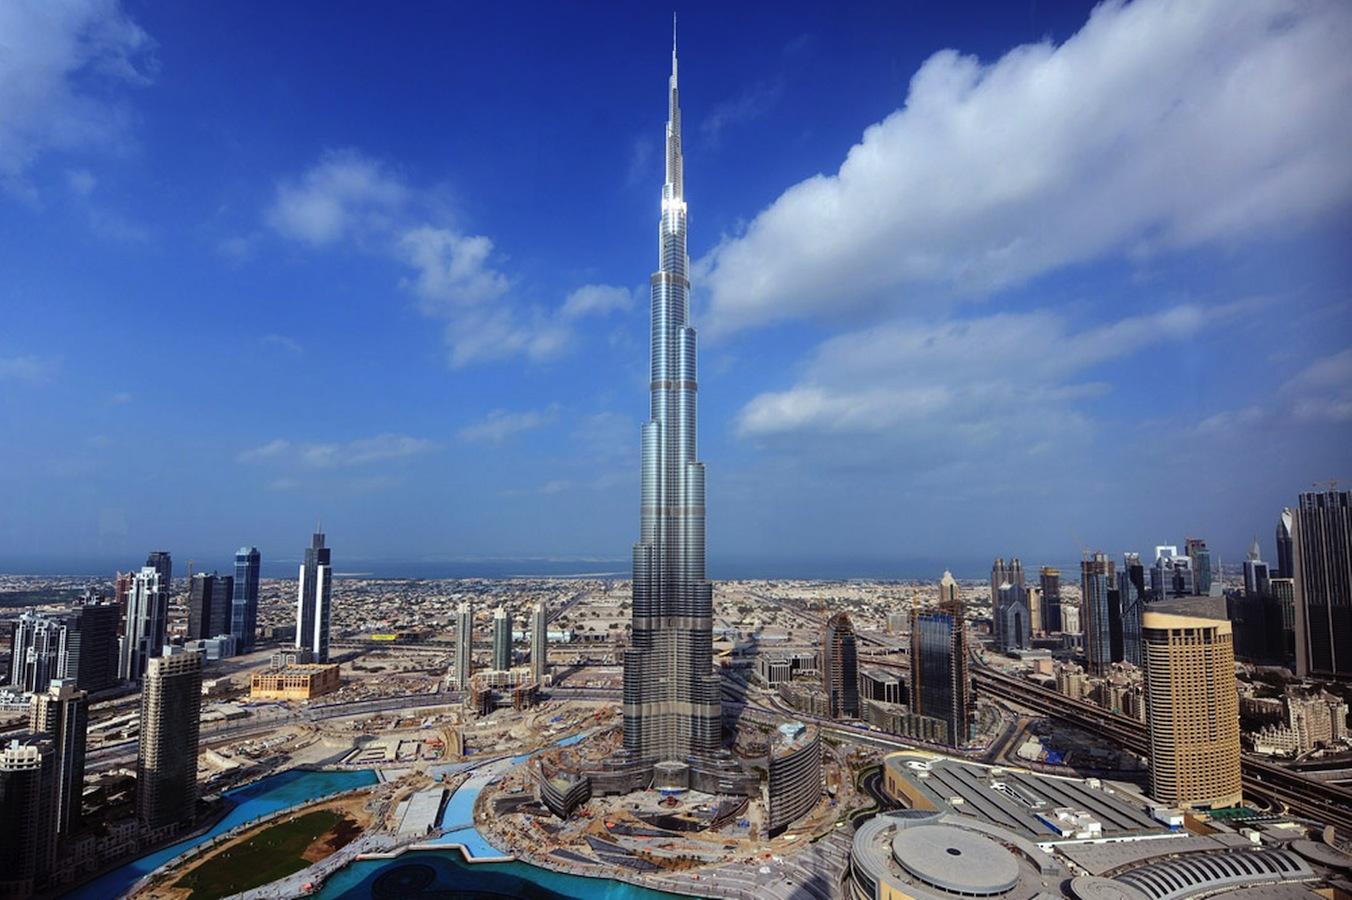 بالصور اطول ابراج العالم , براعة وجمال تشييد البناء 10824 6